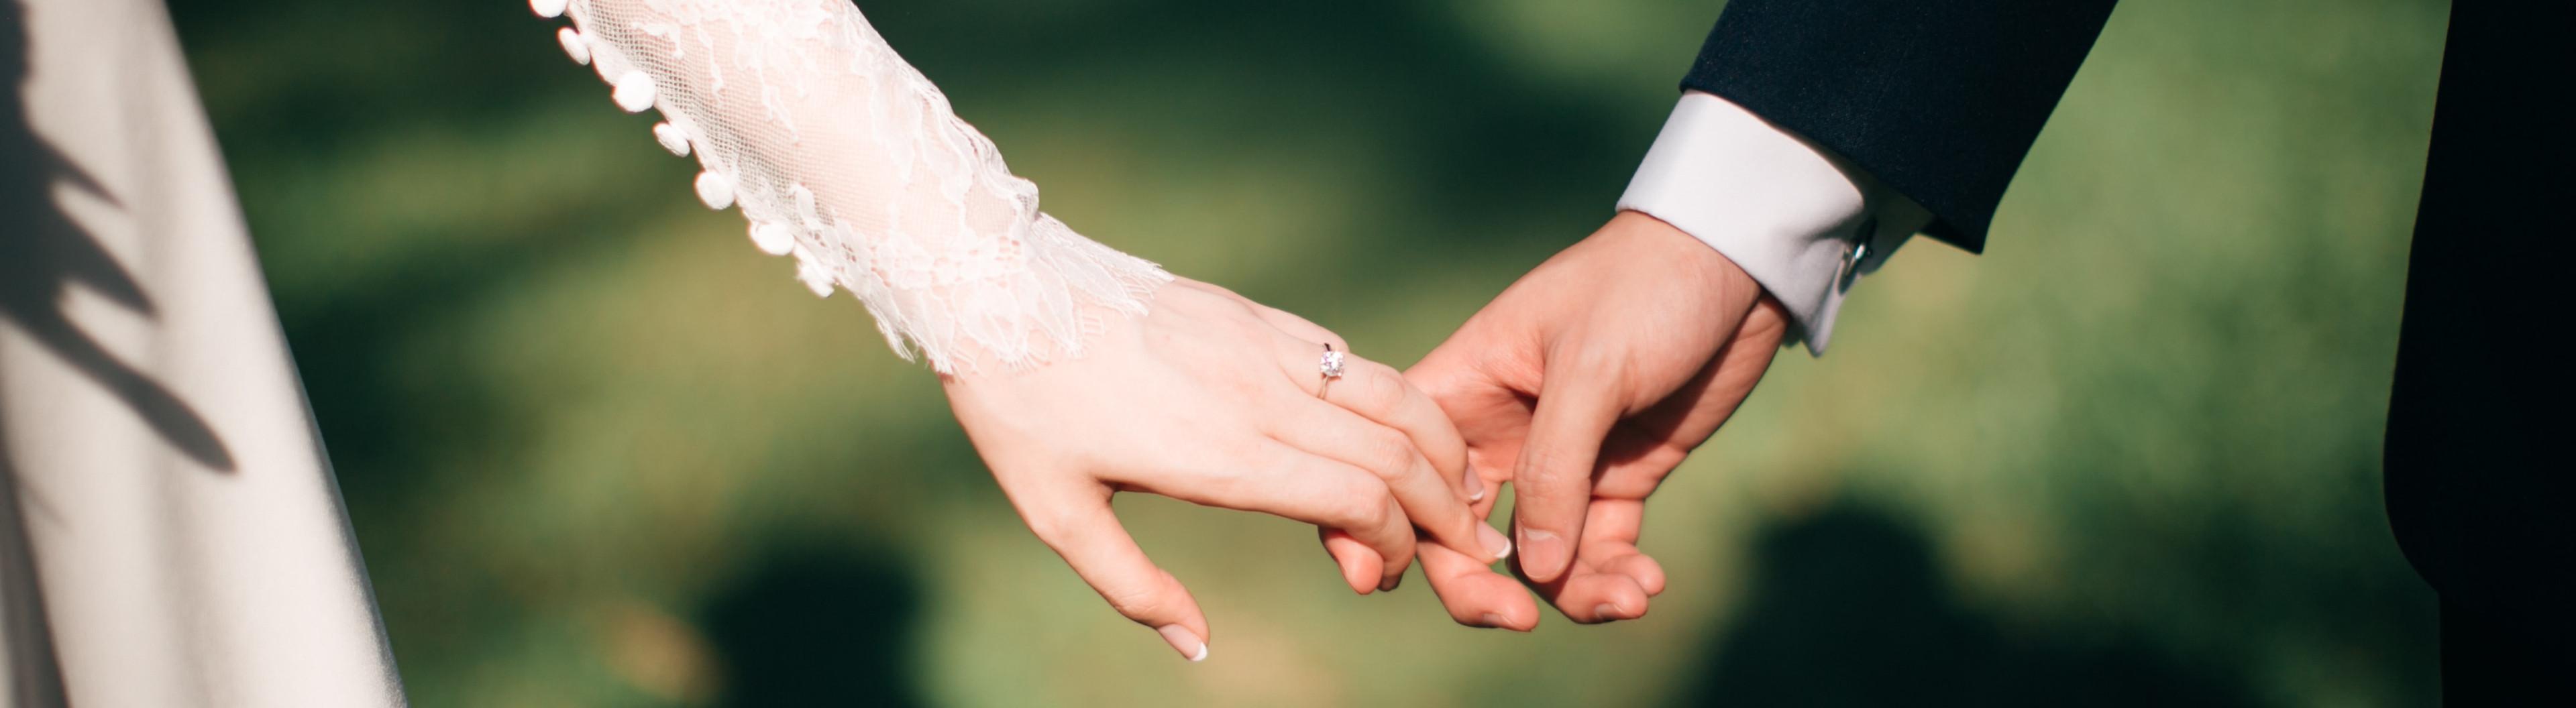 Braut und Bräutigam halten ihre Hände